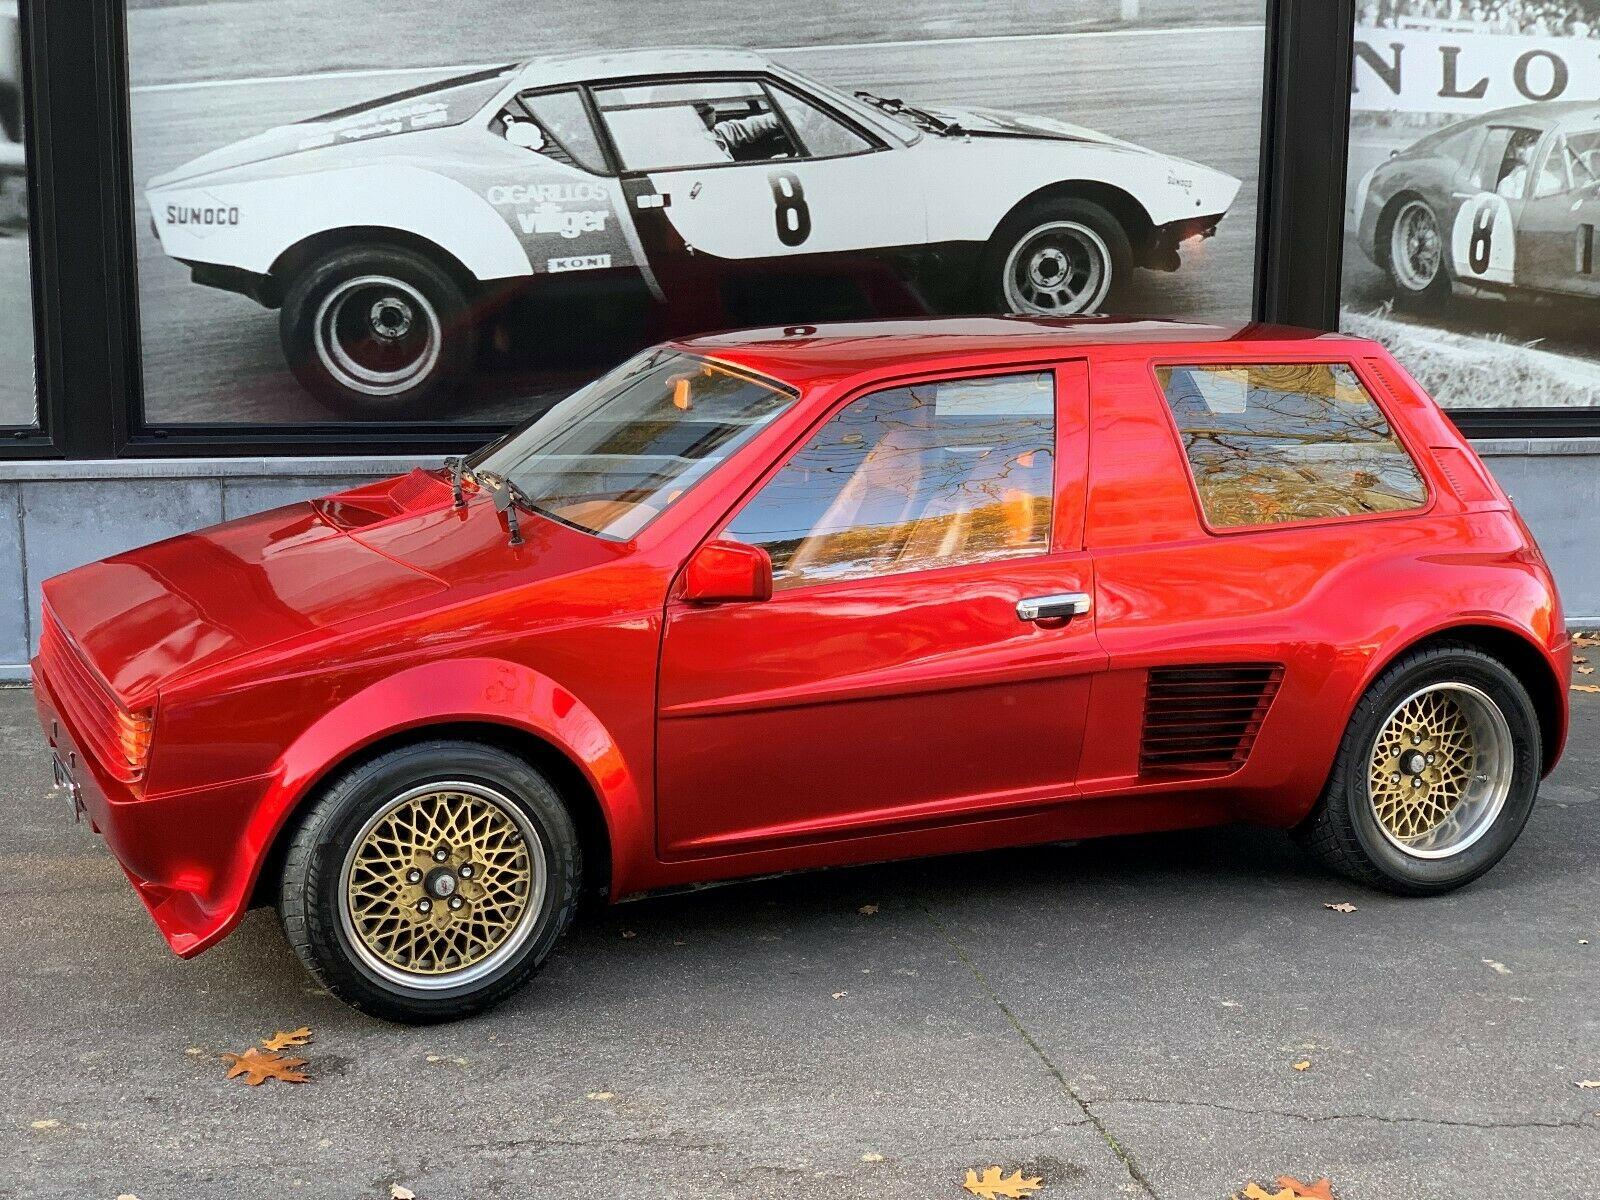 Ferrari-308-Sbarro-Super-Eight-for-sale-1